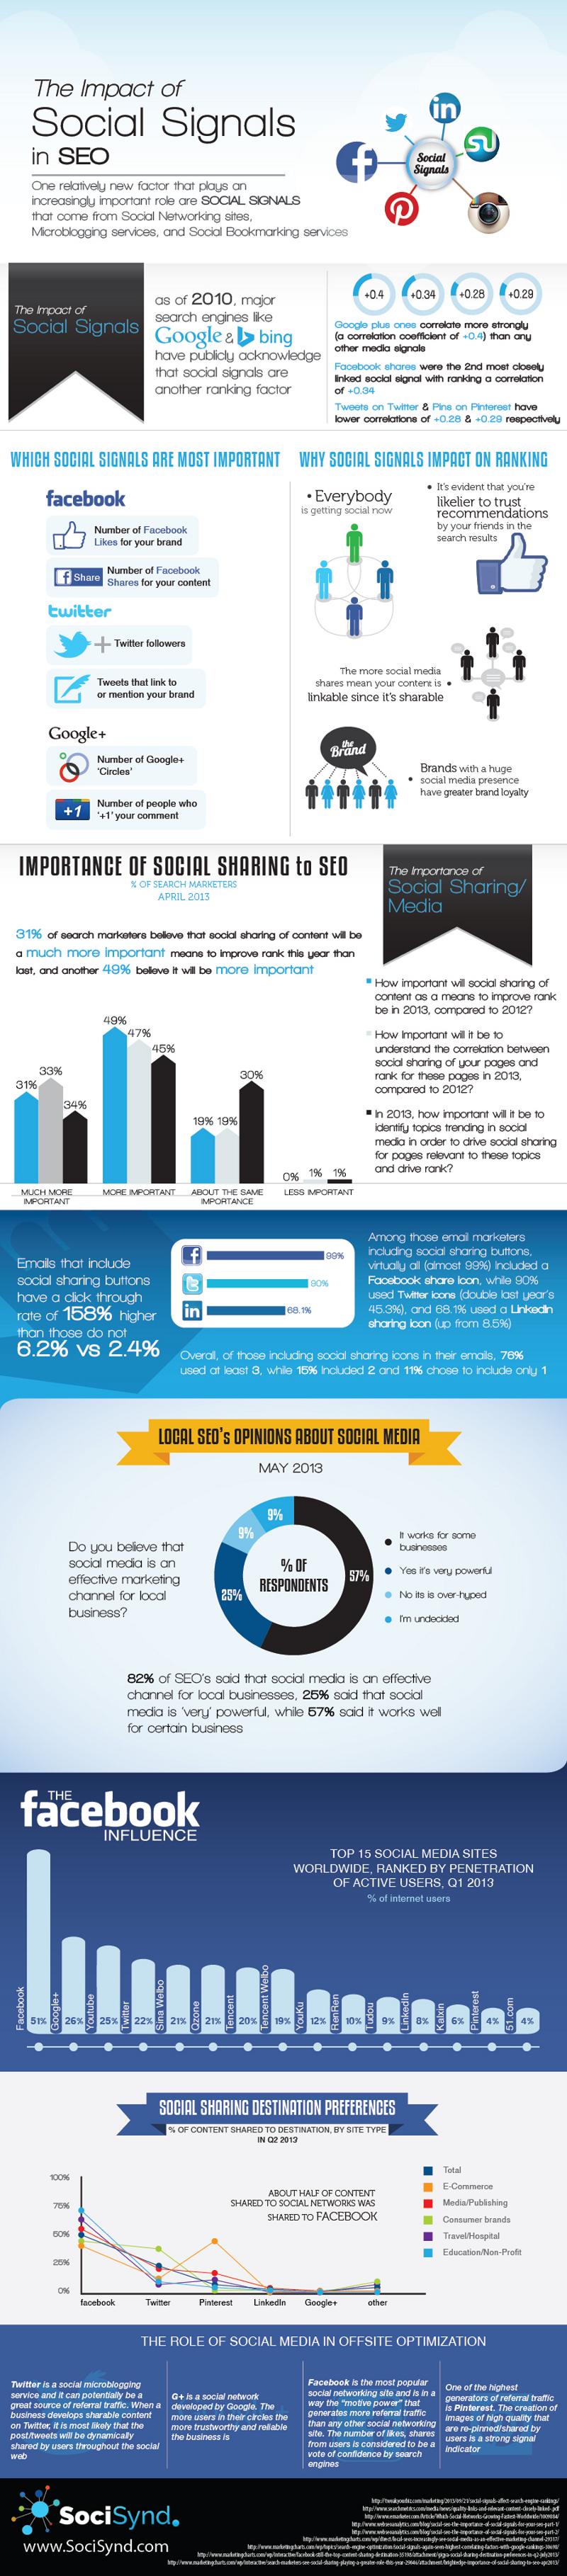 Social-Signals-Impact-SEO